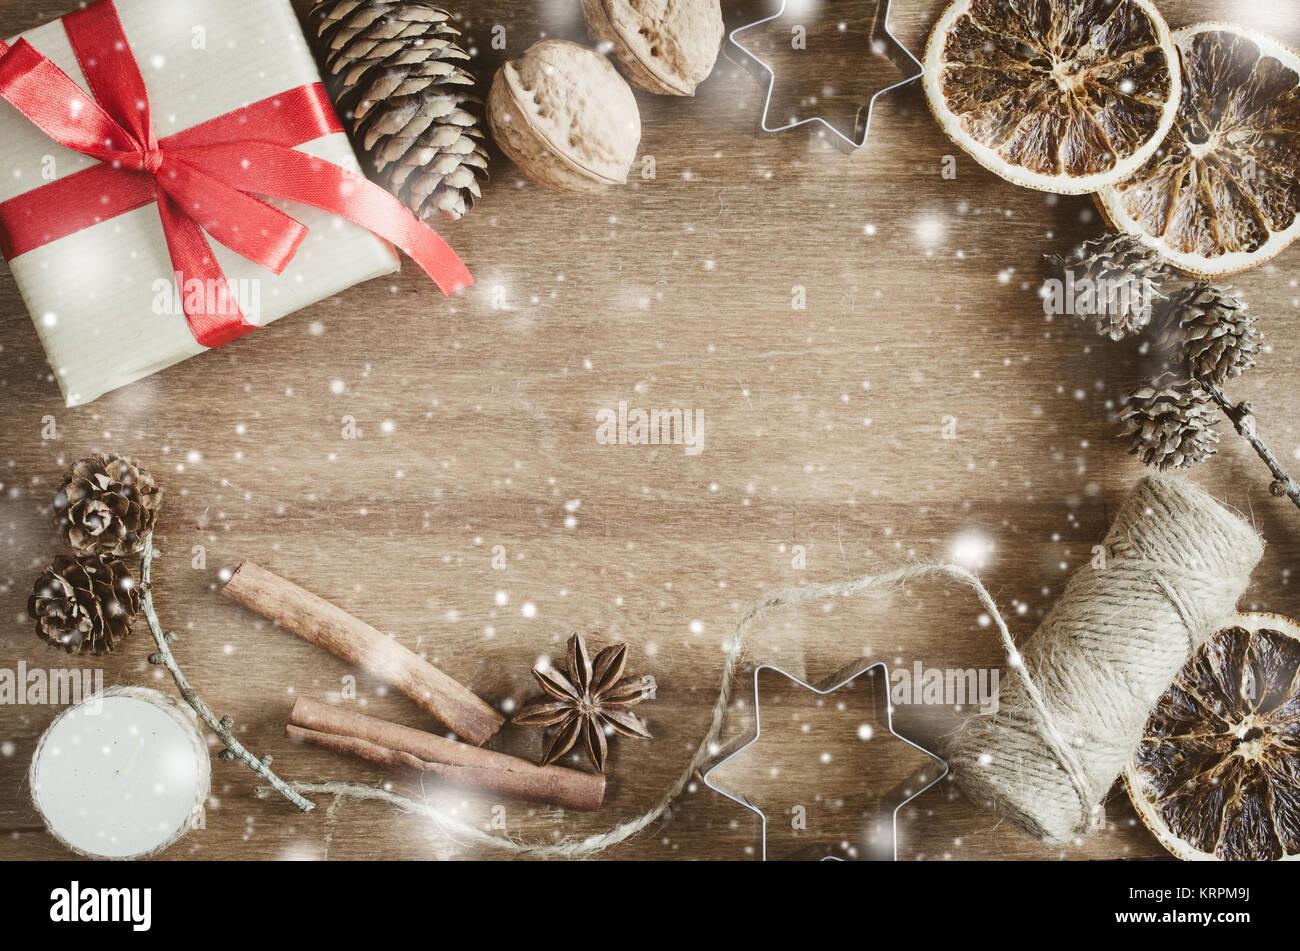 Weihnachten Hintergrund. Rustikale Weihnachten Dekorationen auf Holz ...